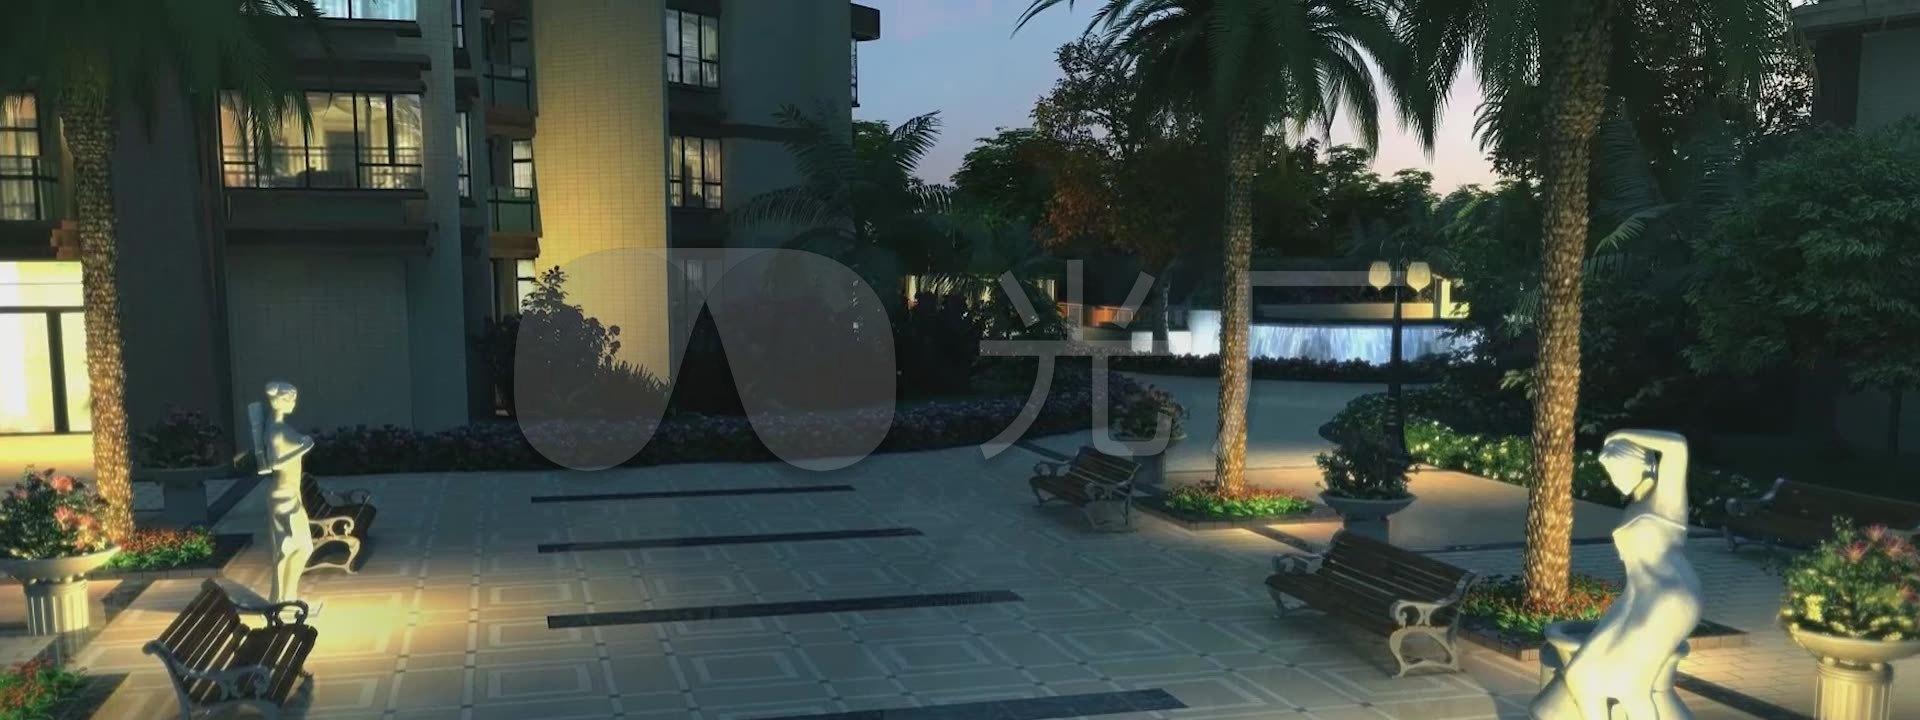 动画水吧游泳池停车场3d建筑漫游公司大厅_1休闲水景装修设计小区图片